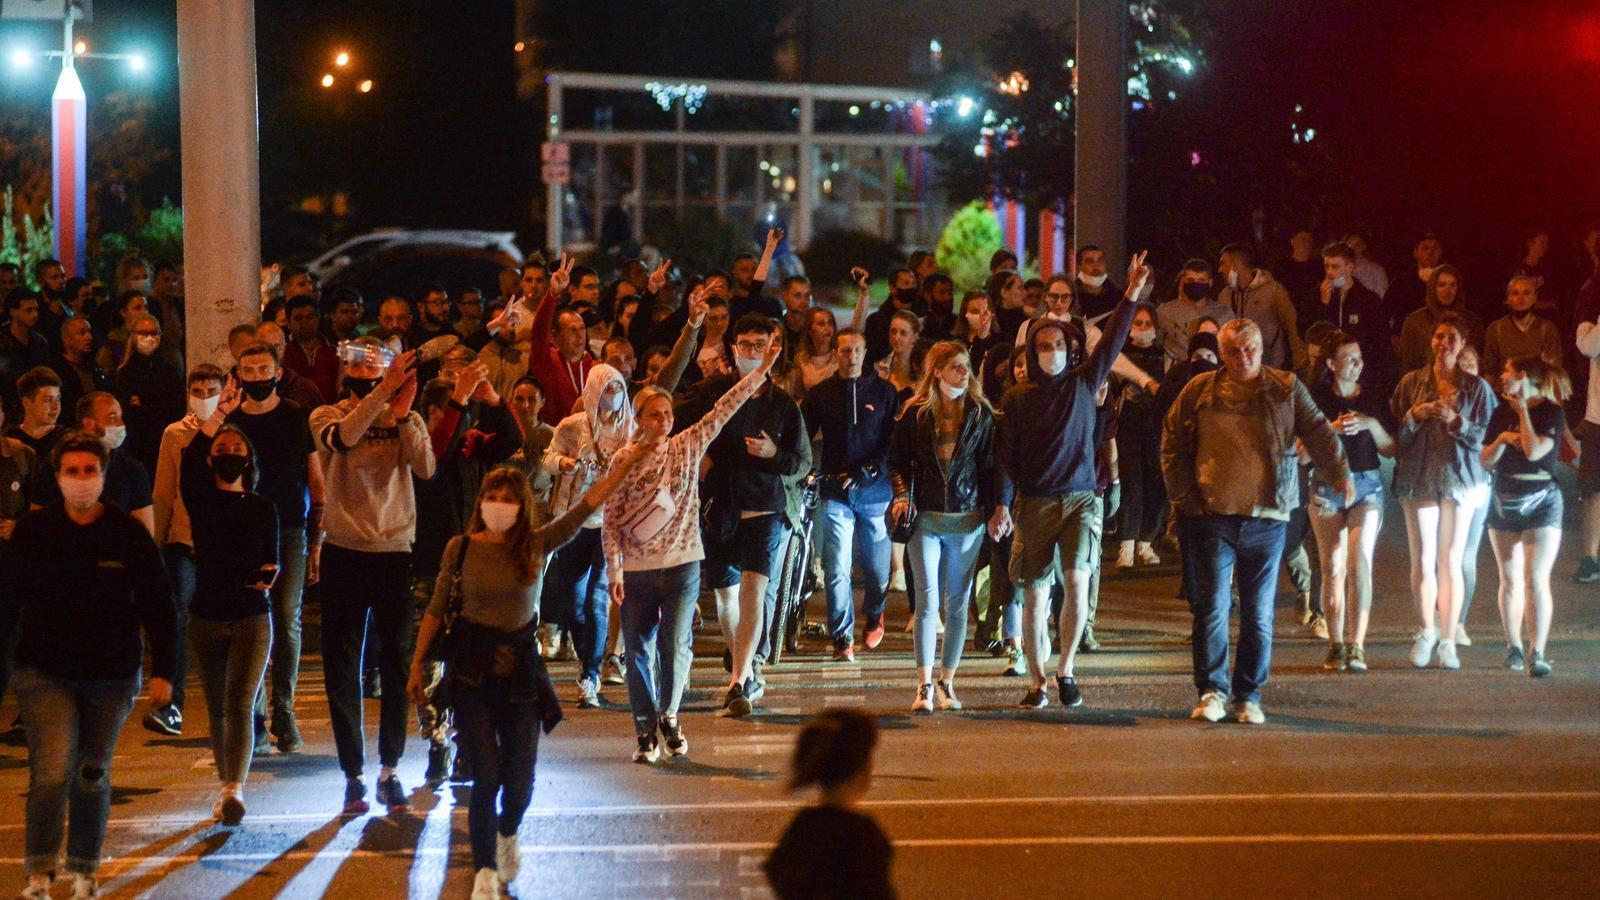 ls manifestants avancen per un carrer durant una manifestació després de les eleccions presidencials, a Minsk, Bielorússia